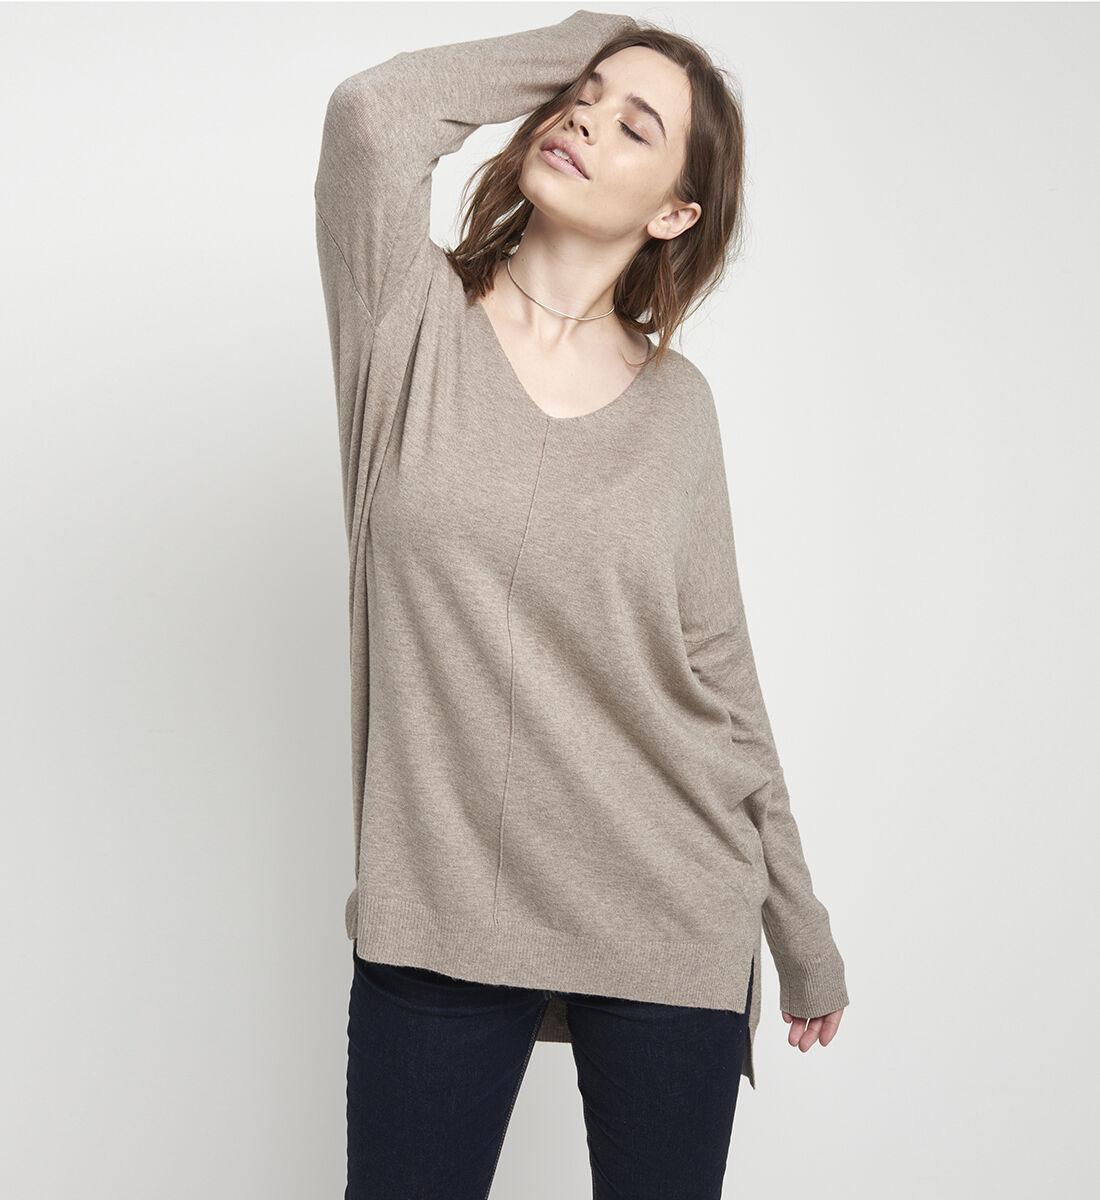 Devon Sweater Side